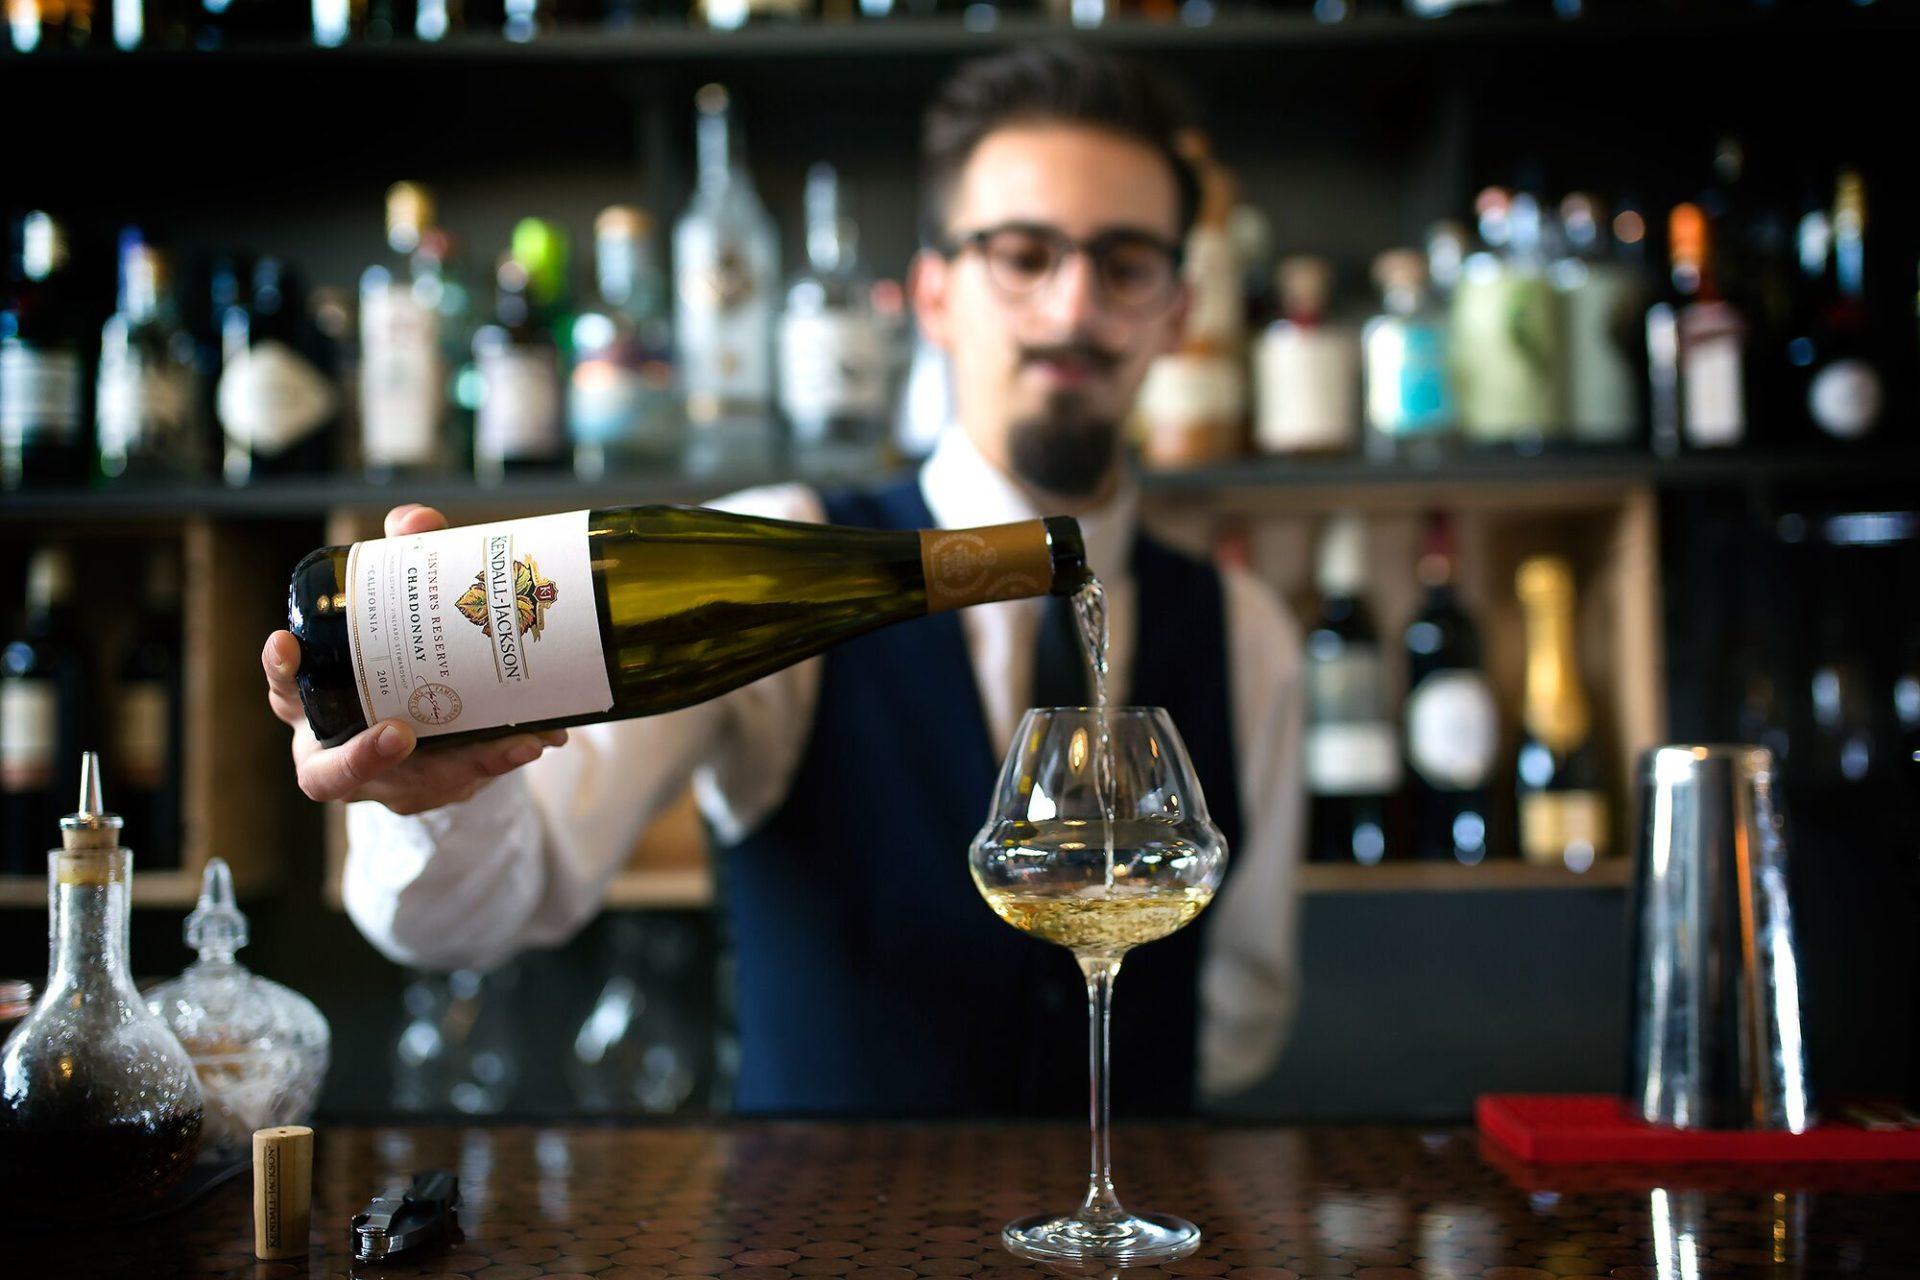 Sommerlier Latelier Du Vin